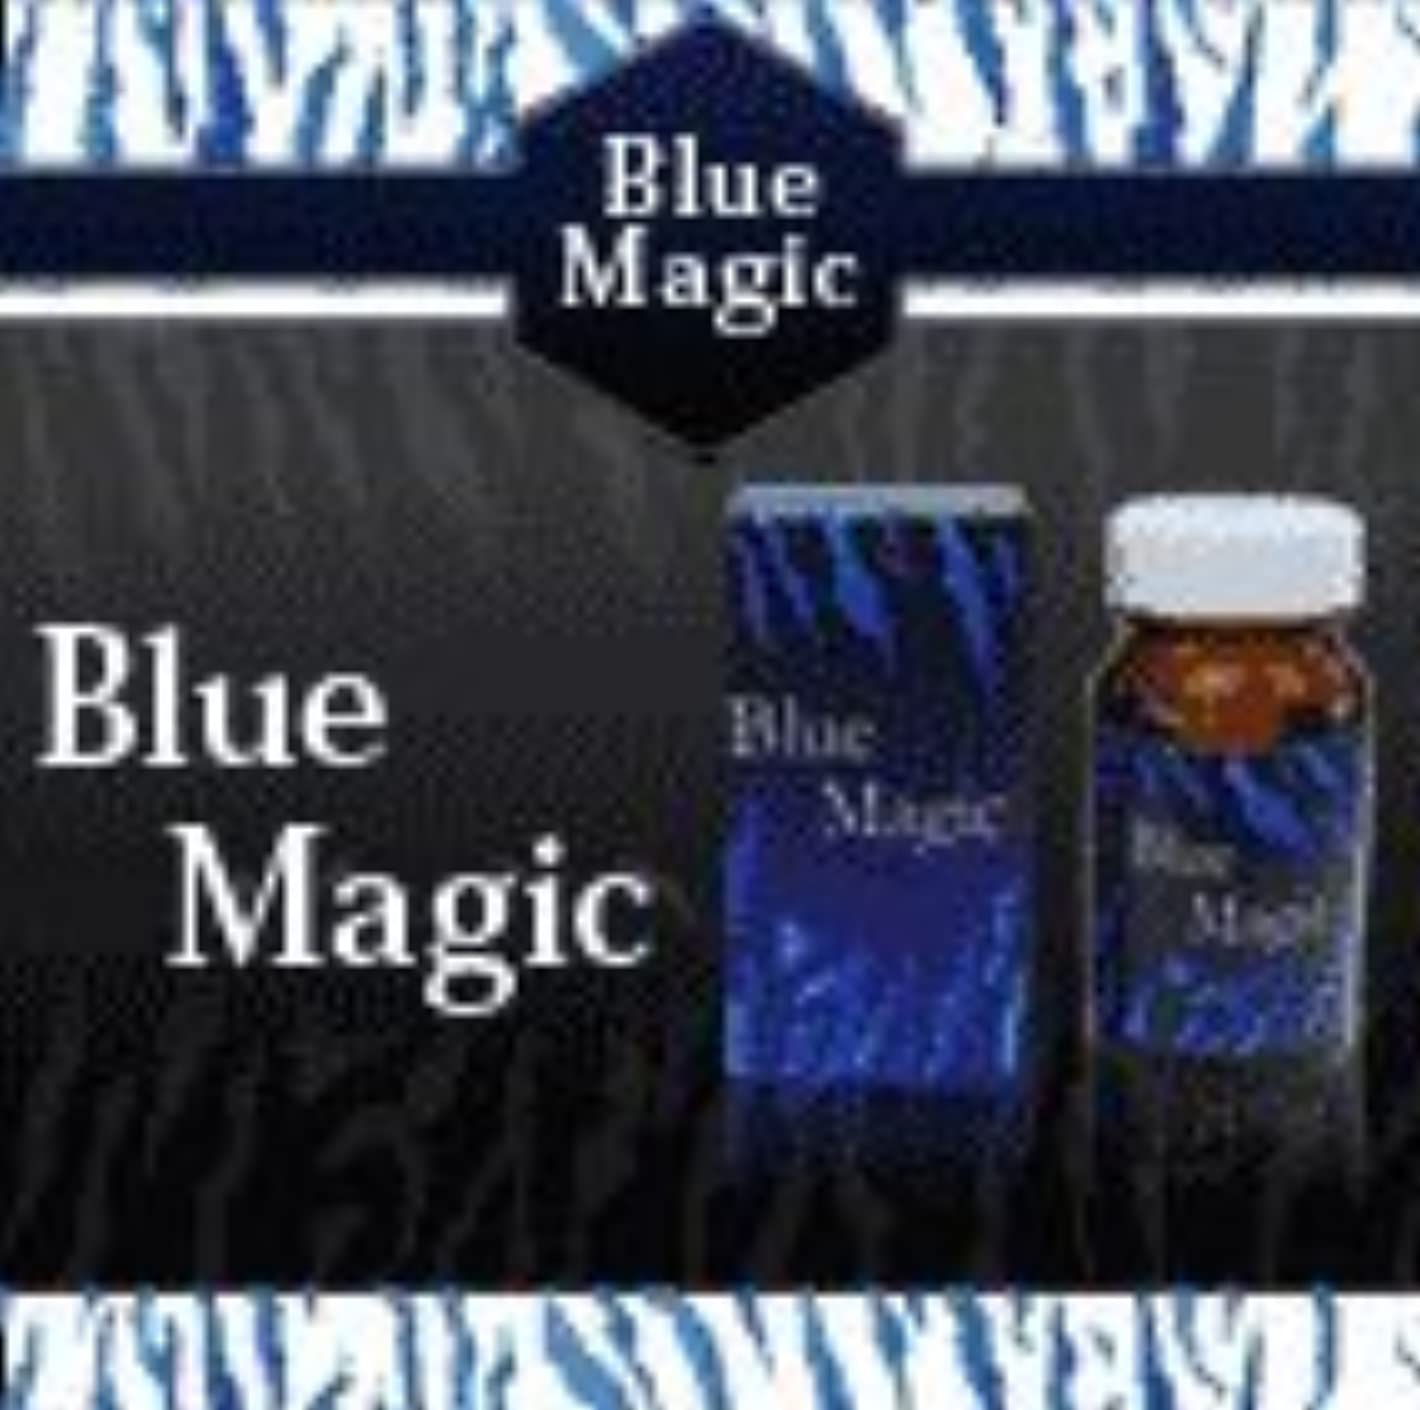 性差別南アメリカアレイ「Blue Magic」ブルーマジック (ダイエットサプリメント) 5個セット